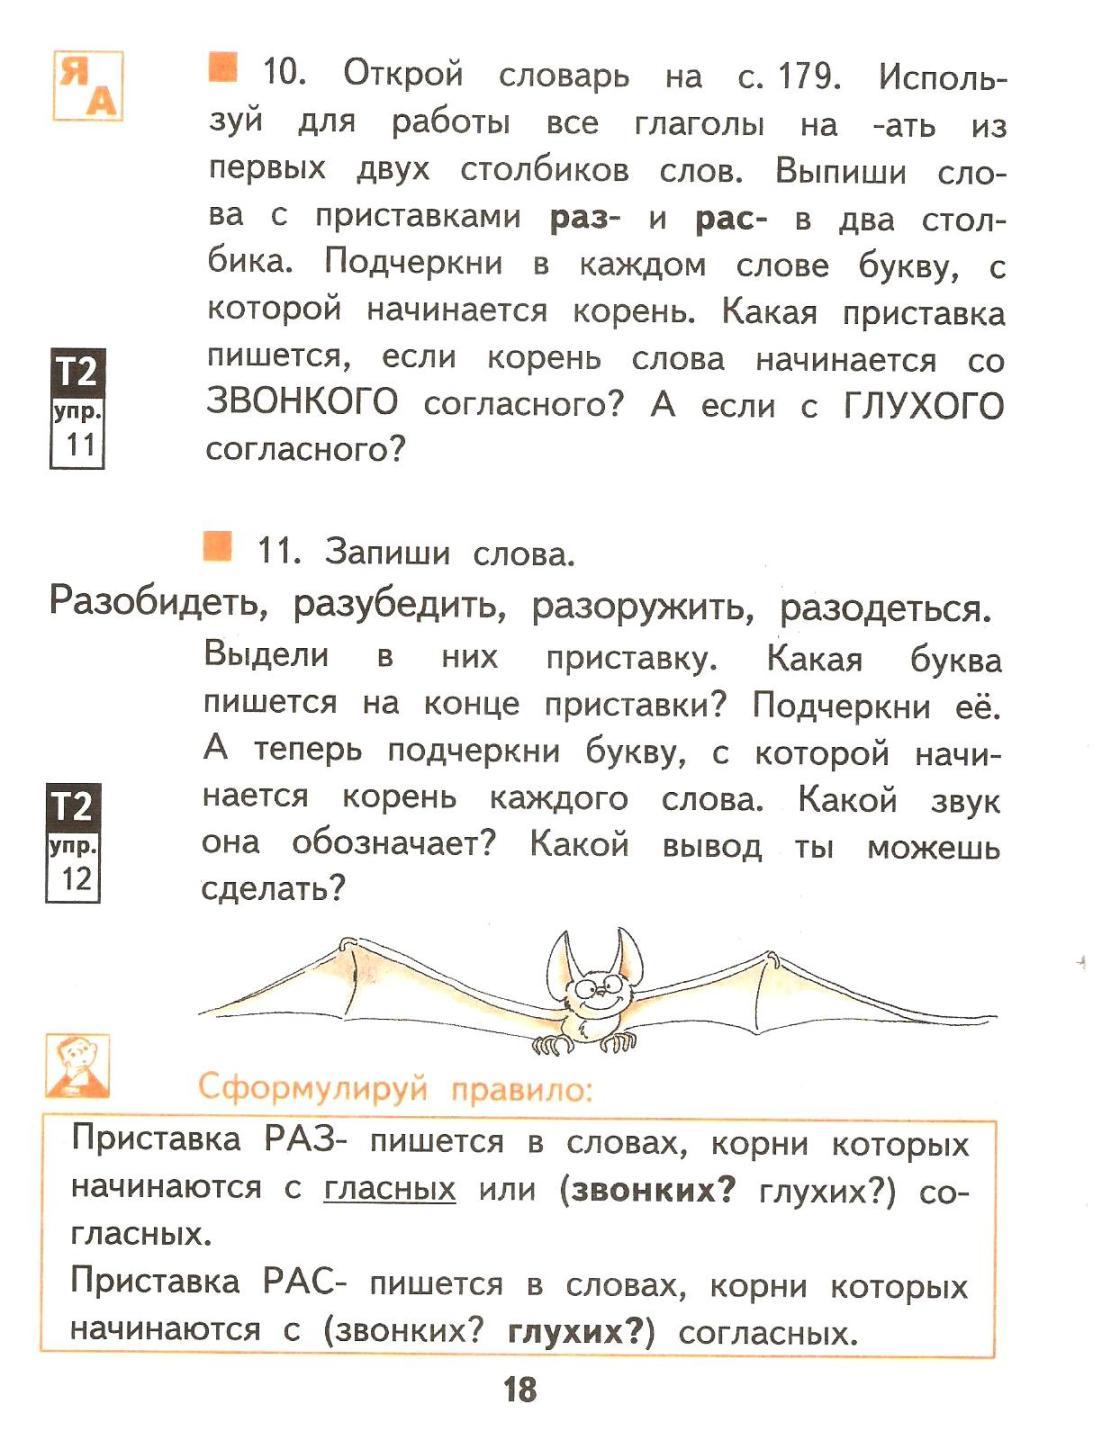 C:\Users\Таня PC\Desktop\русс 001.jpg